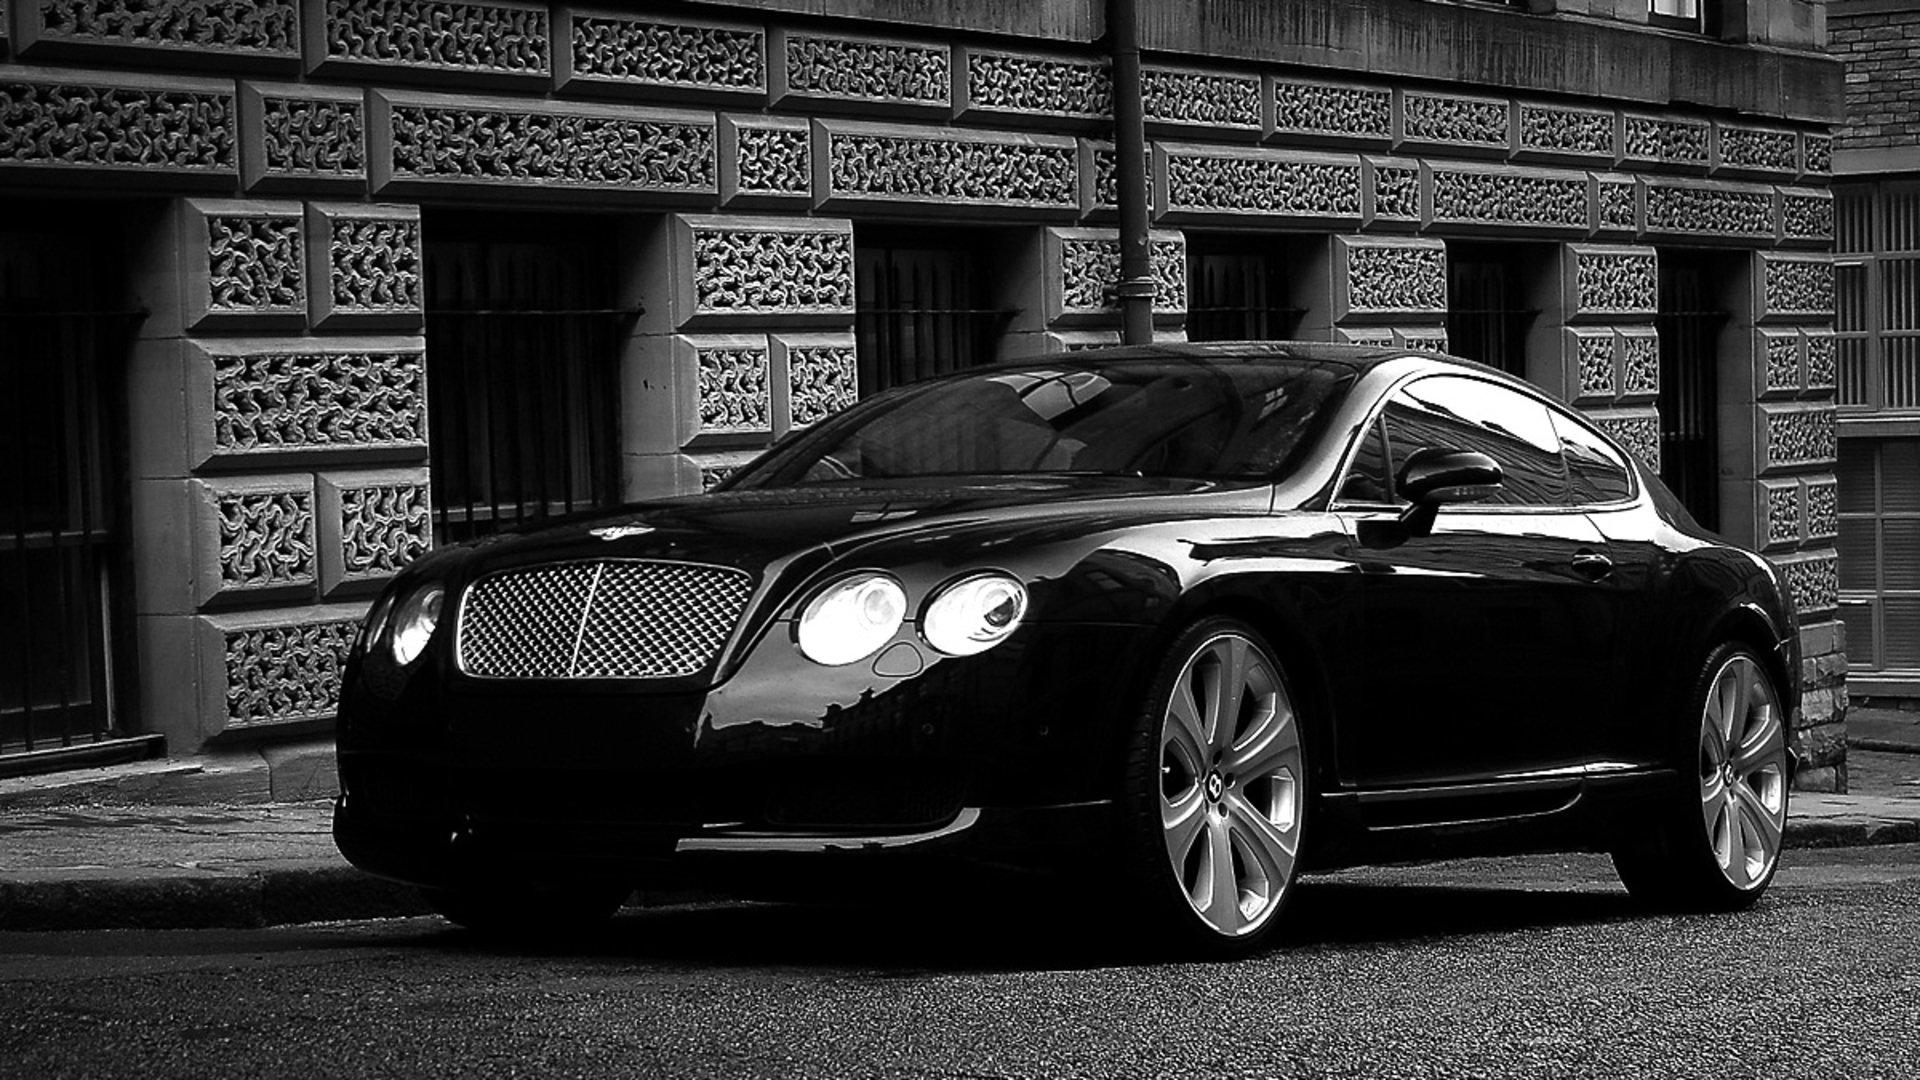 Bentley Wallpapers 1920x1080 Full Hd 1080p Desktop Backgrounds